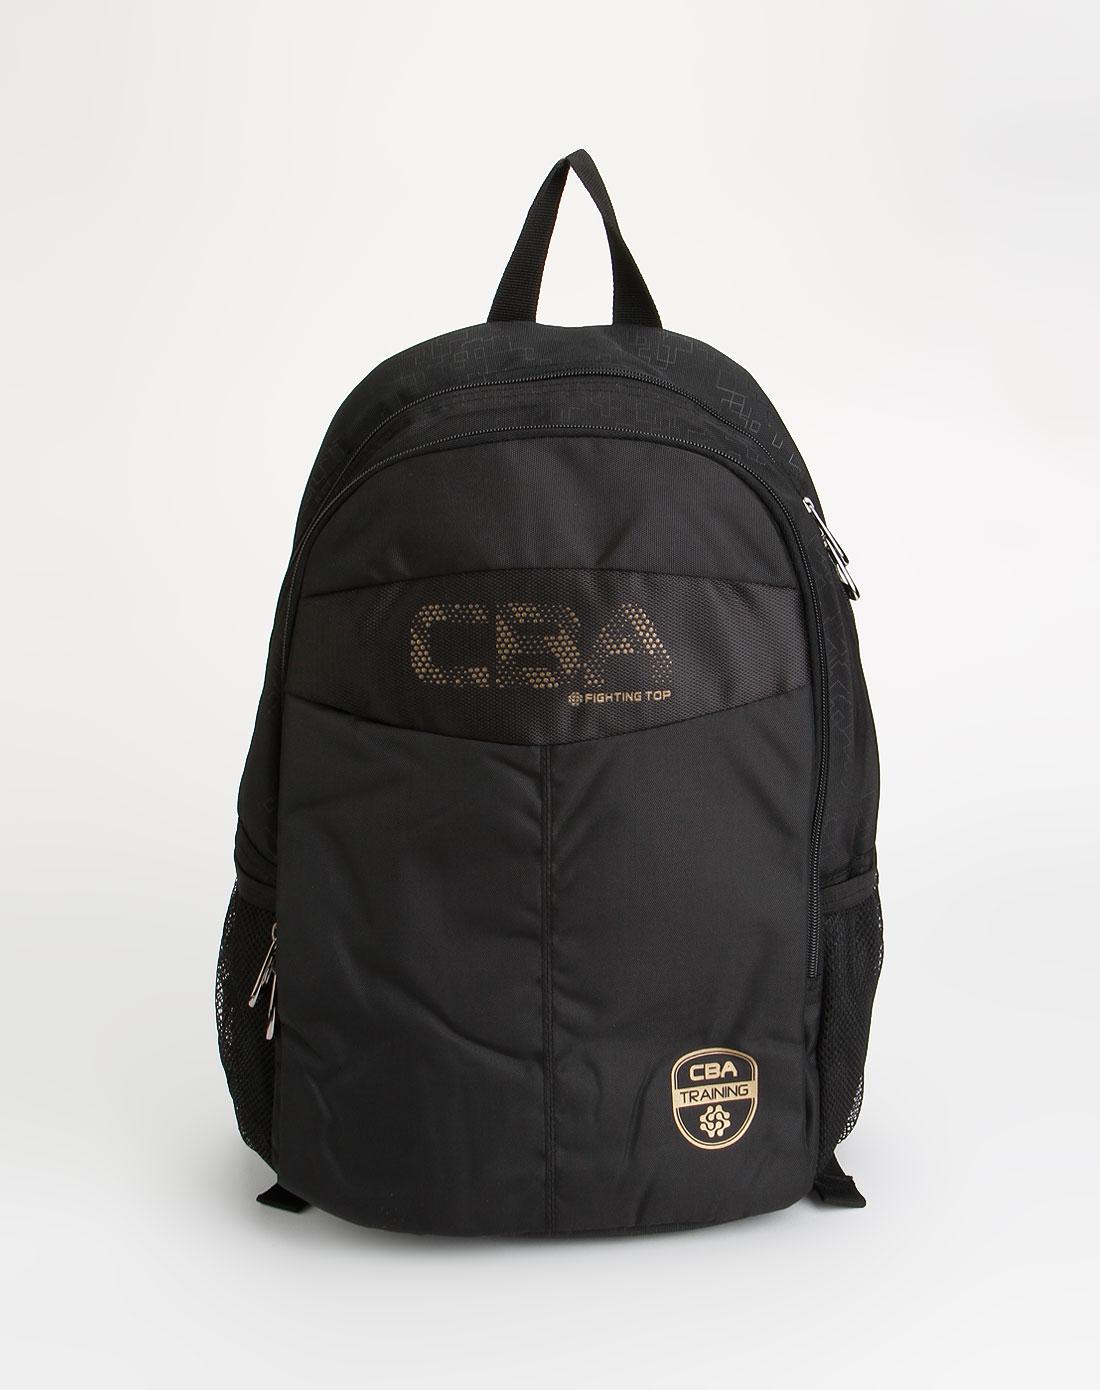 cba男女装黑色休闲双肩背包27102l37-02